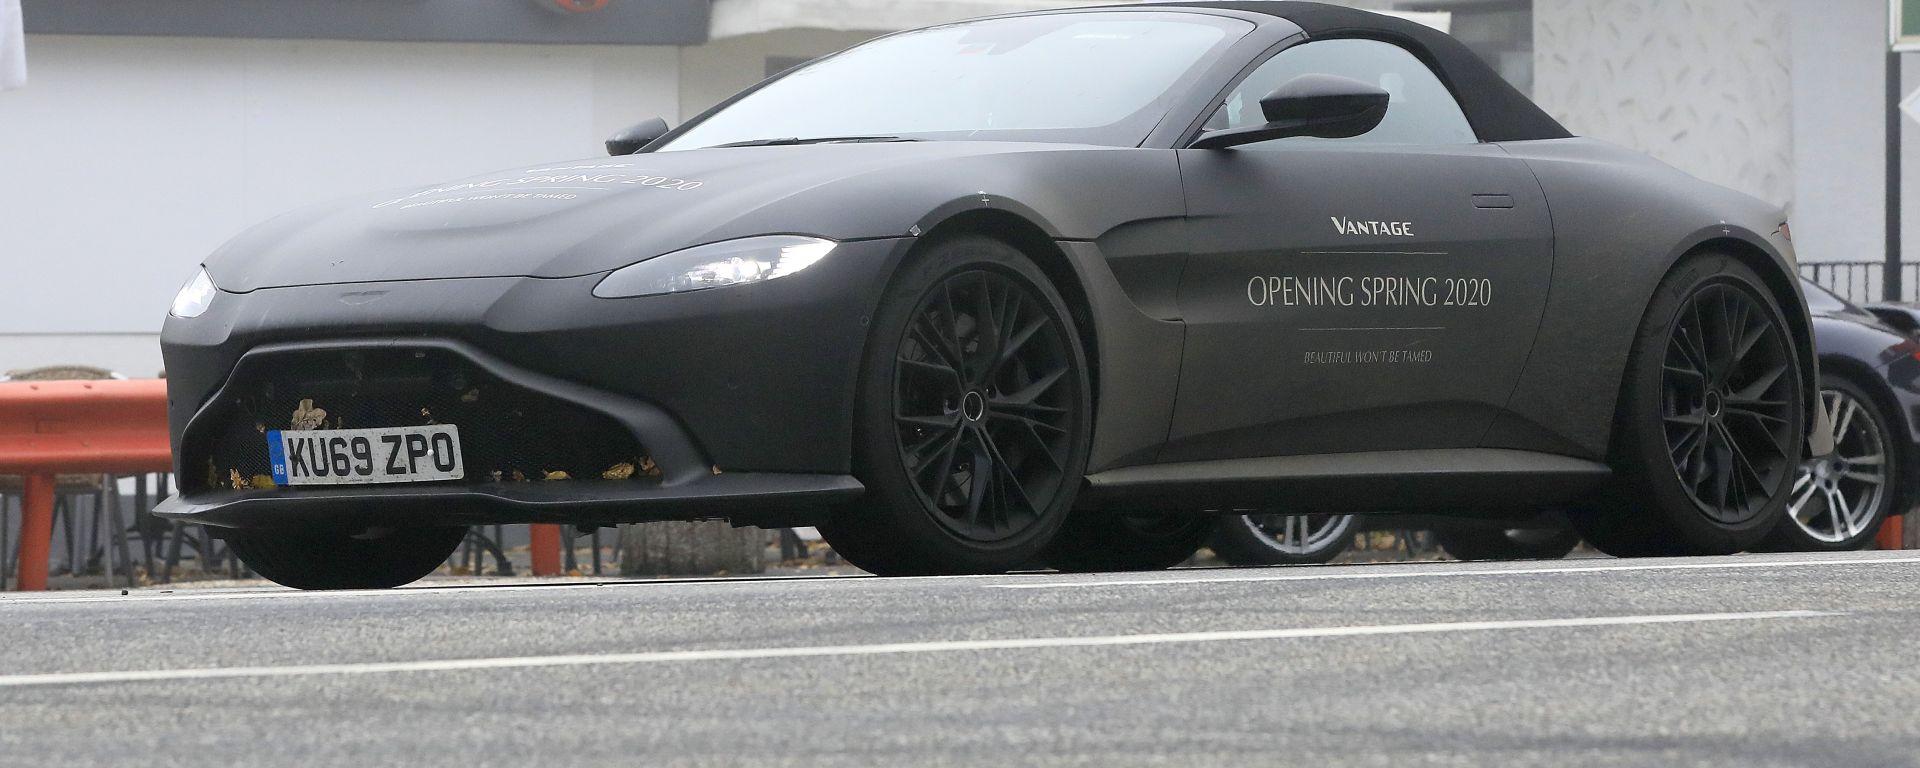 Nuova Aston Martin Vantage Volante: in arrivo la decappottabile inglese